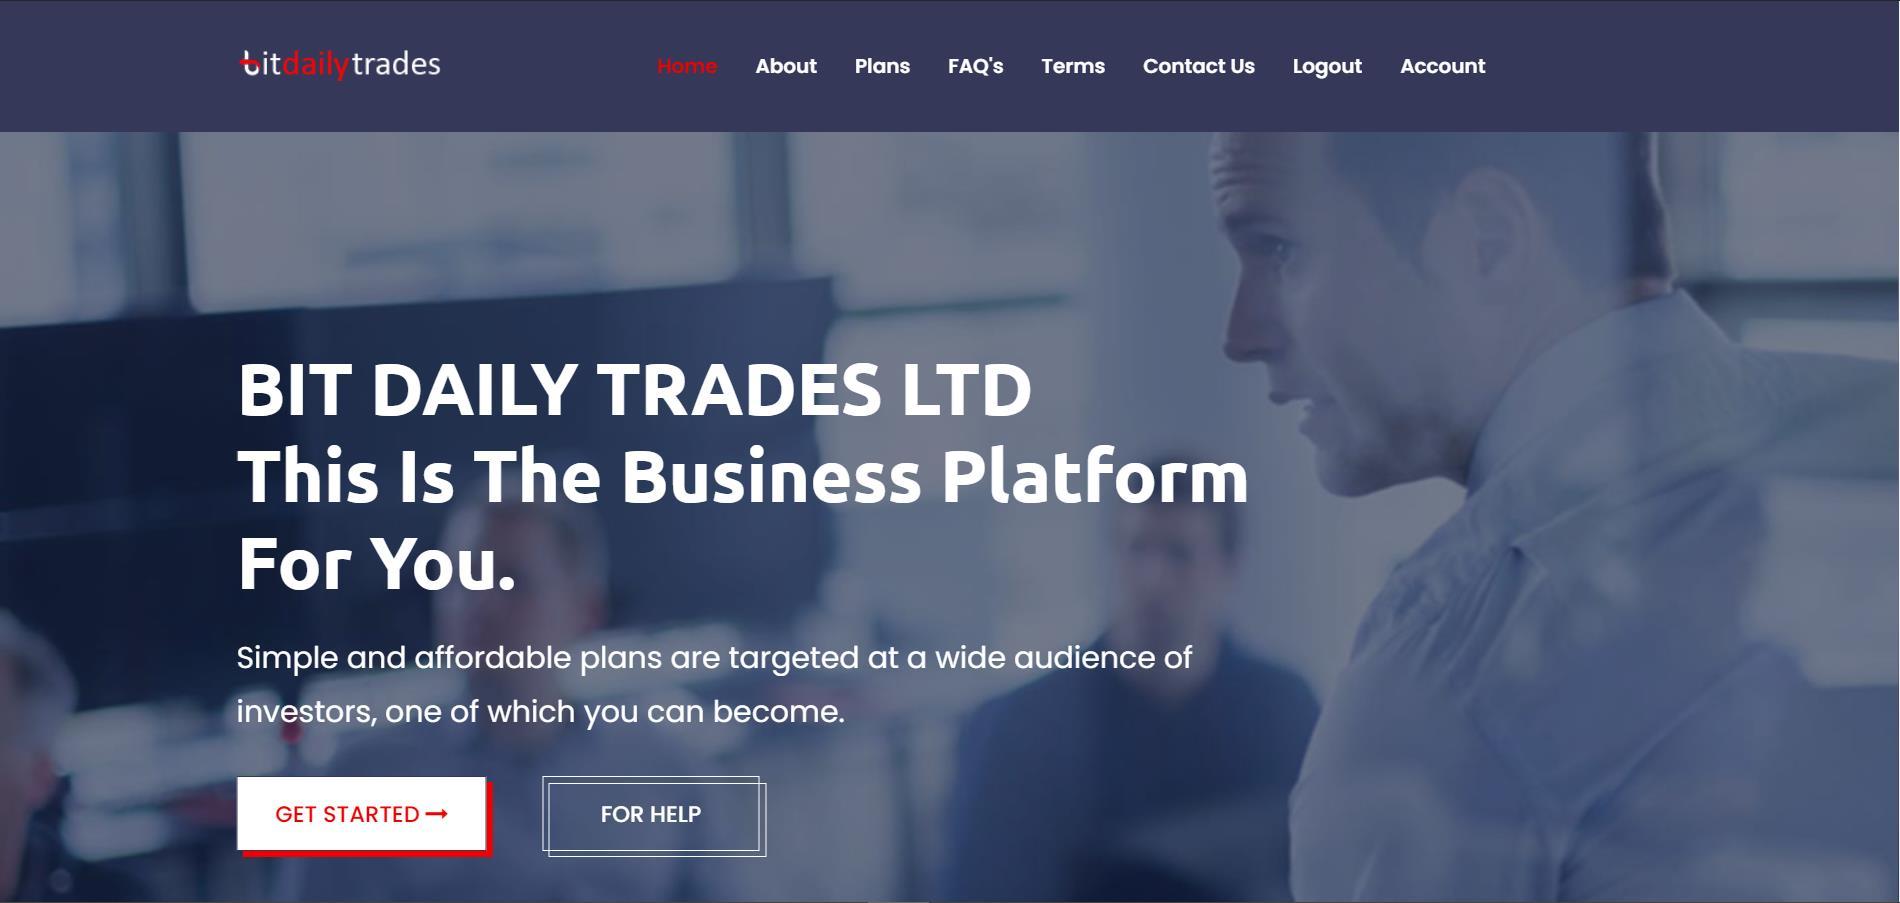 Bit Daily Trades Ltd